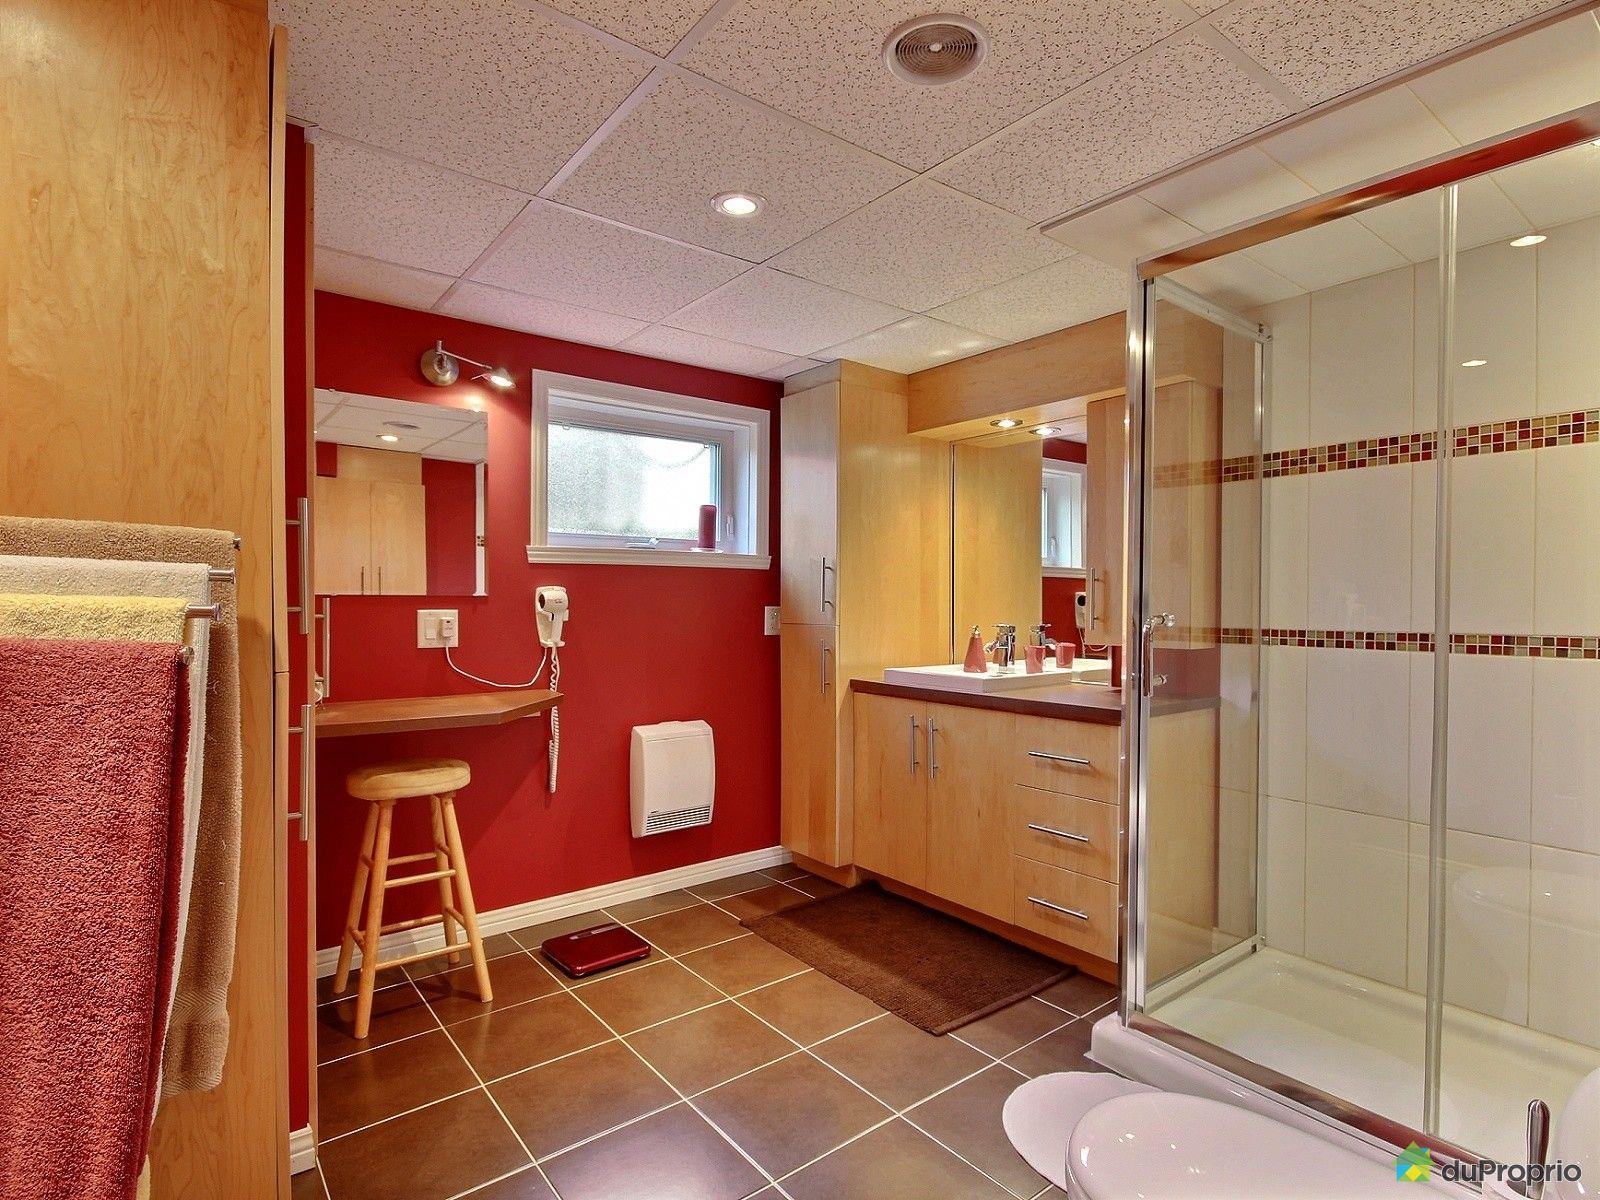 Maison vendu repentigny immobilier qu bec duproprio for Plomberie salle de bain sous sol